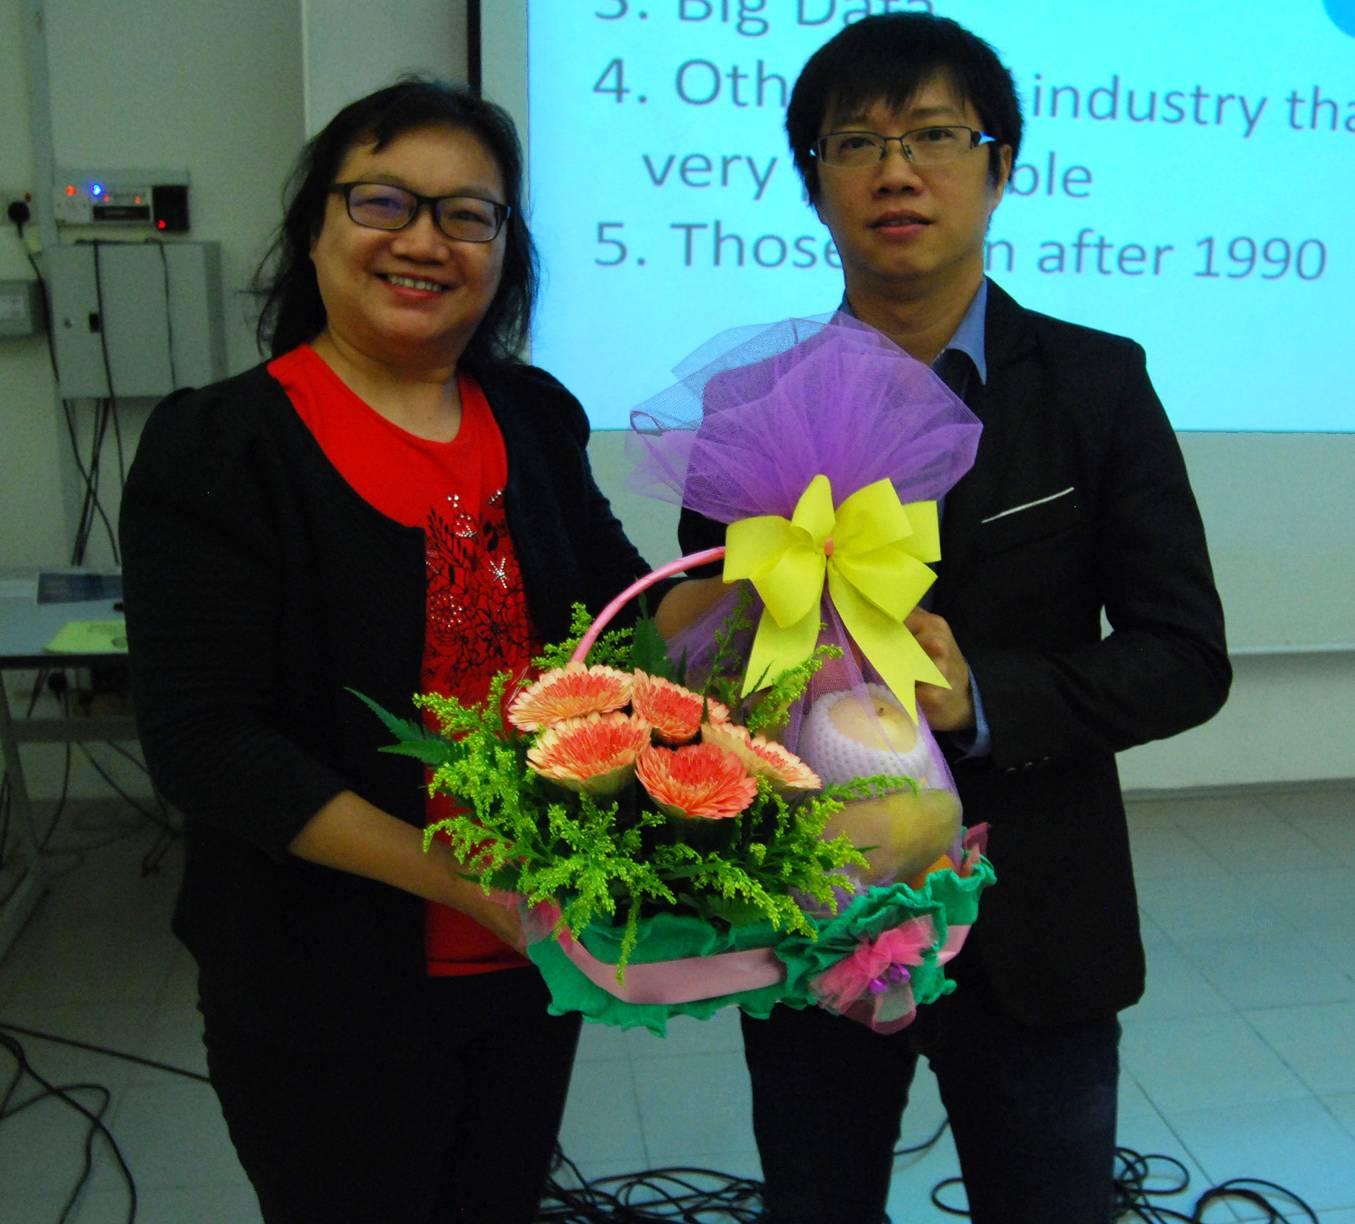 Dr Au Yong presenting a souvenir to Cheng